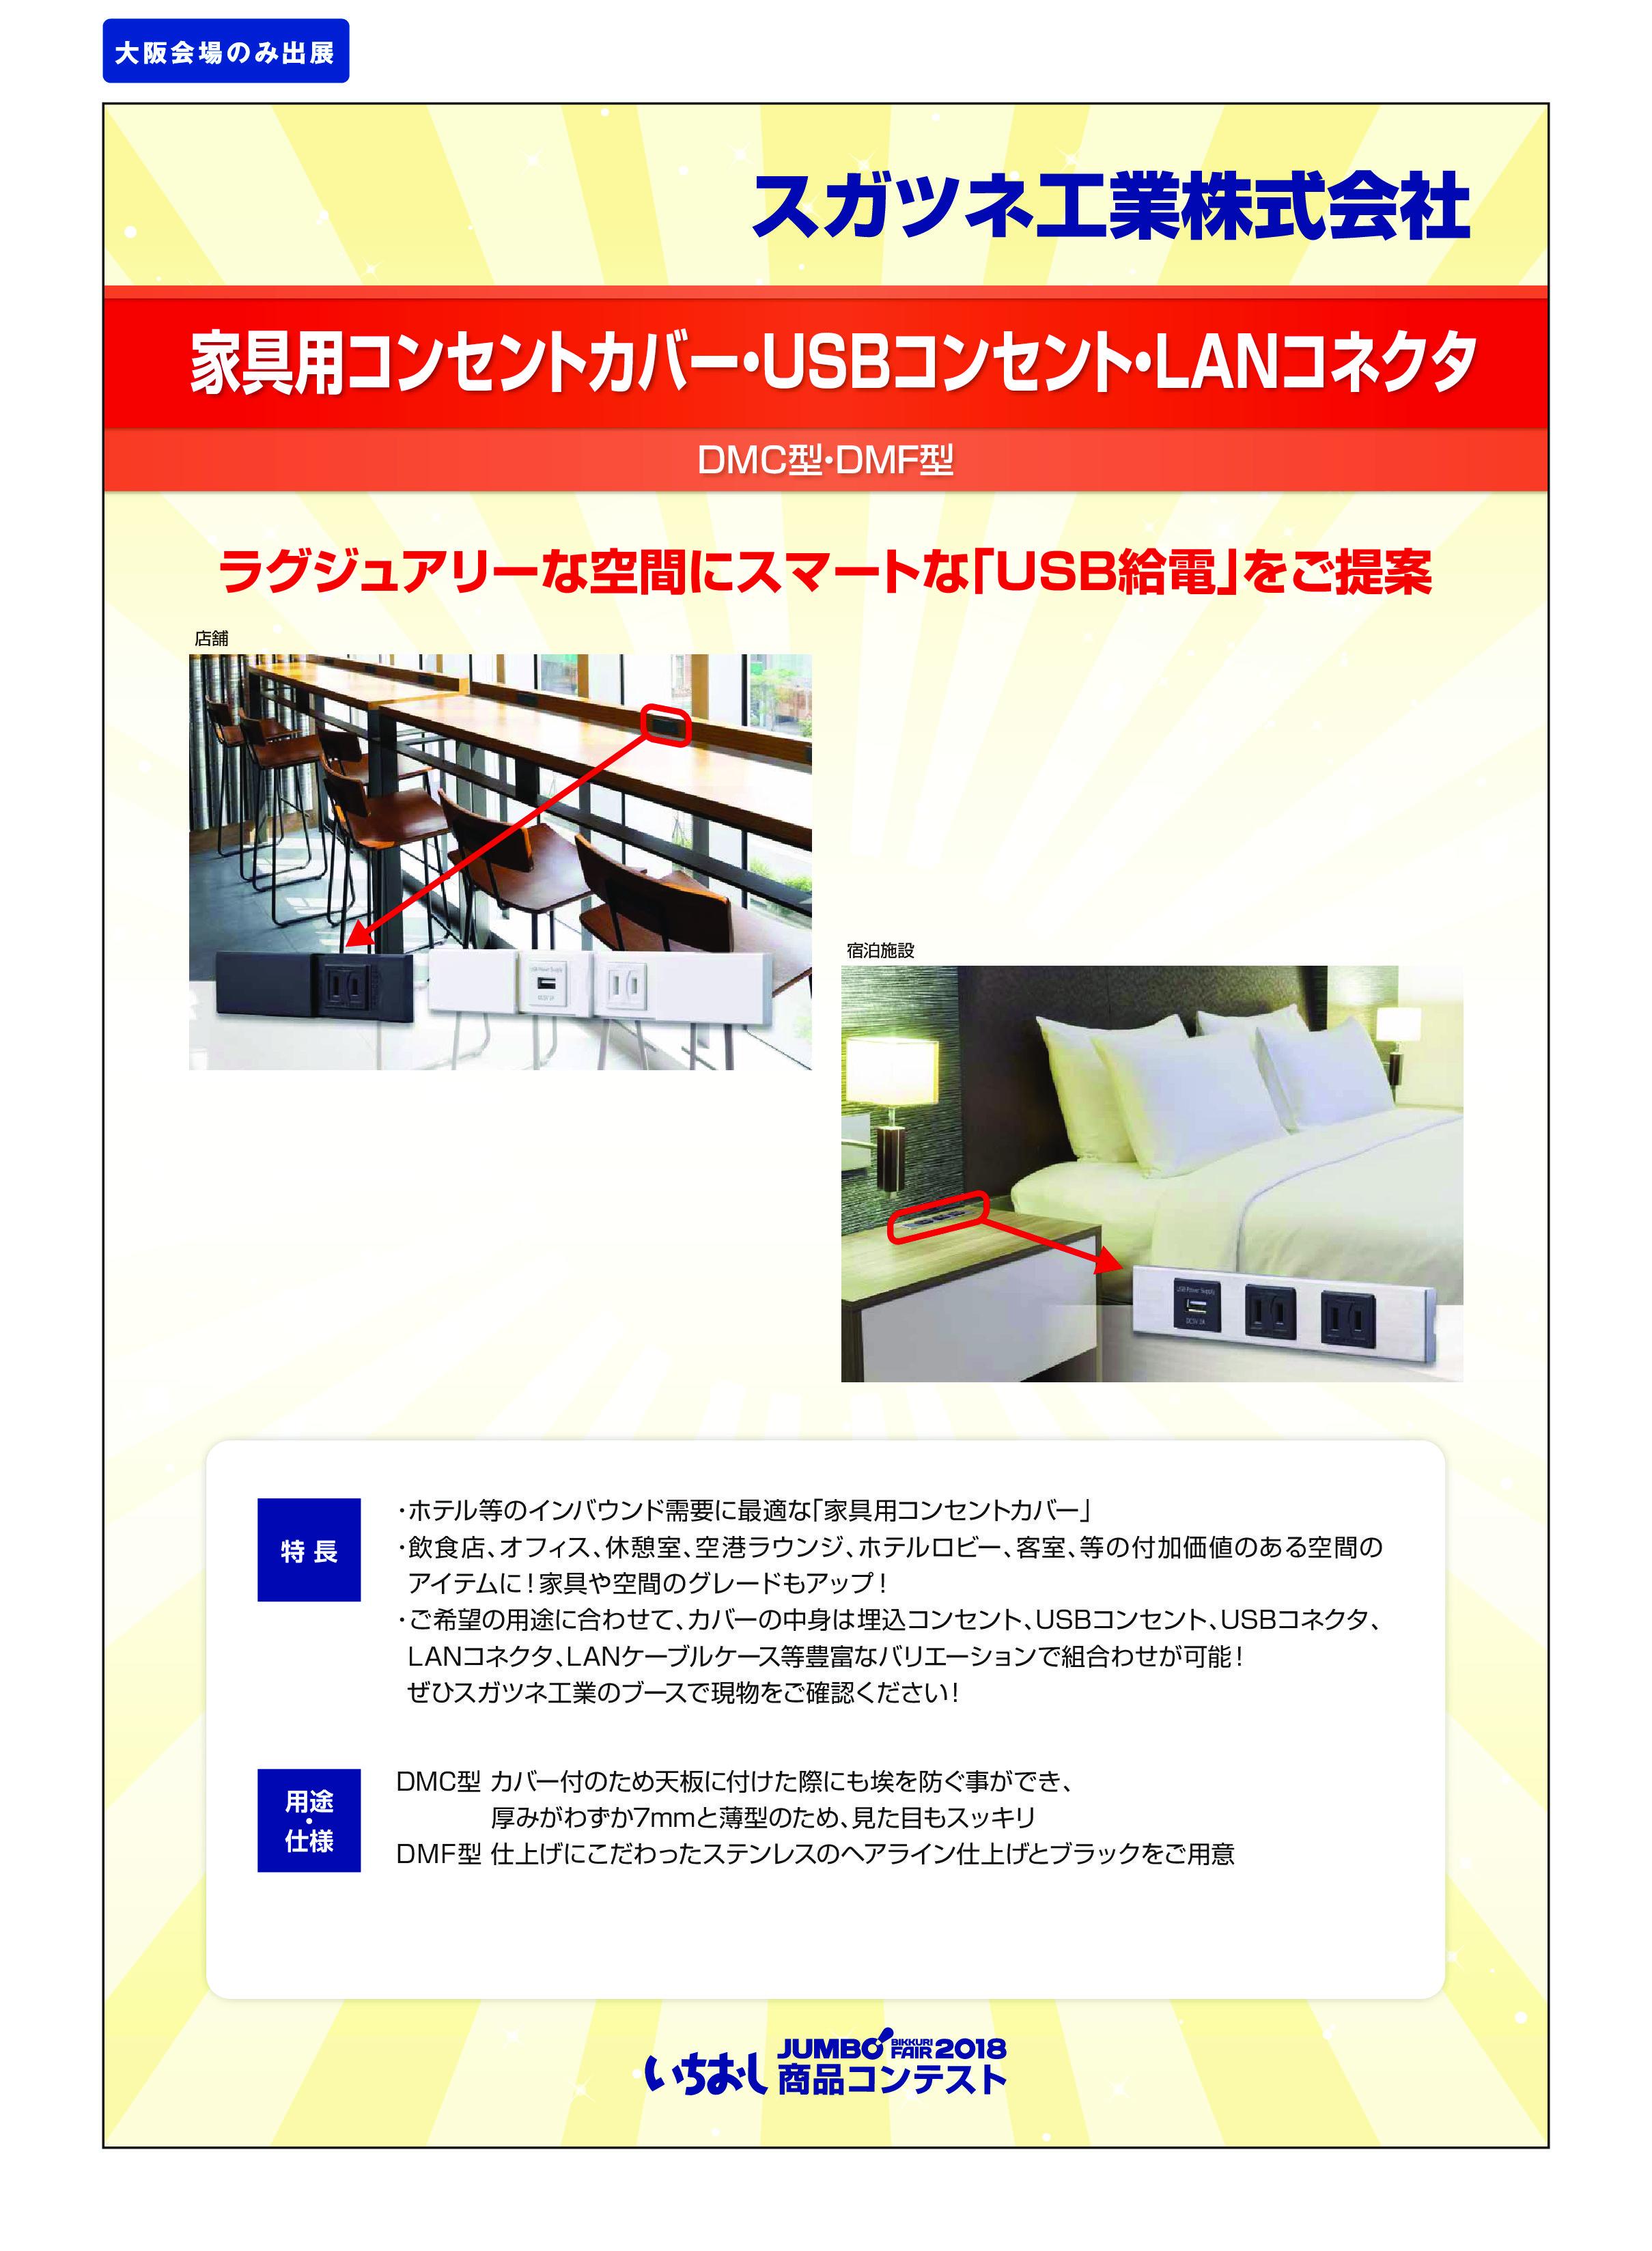 「家具用コンセントカバー・USBコンセント・LANコネクタ」スガツネ工業株式会社の画像